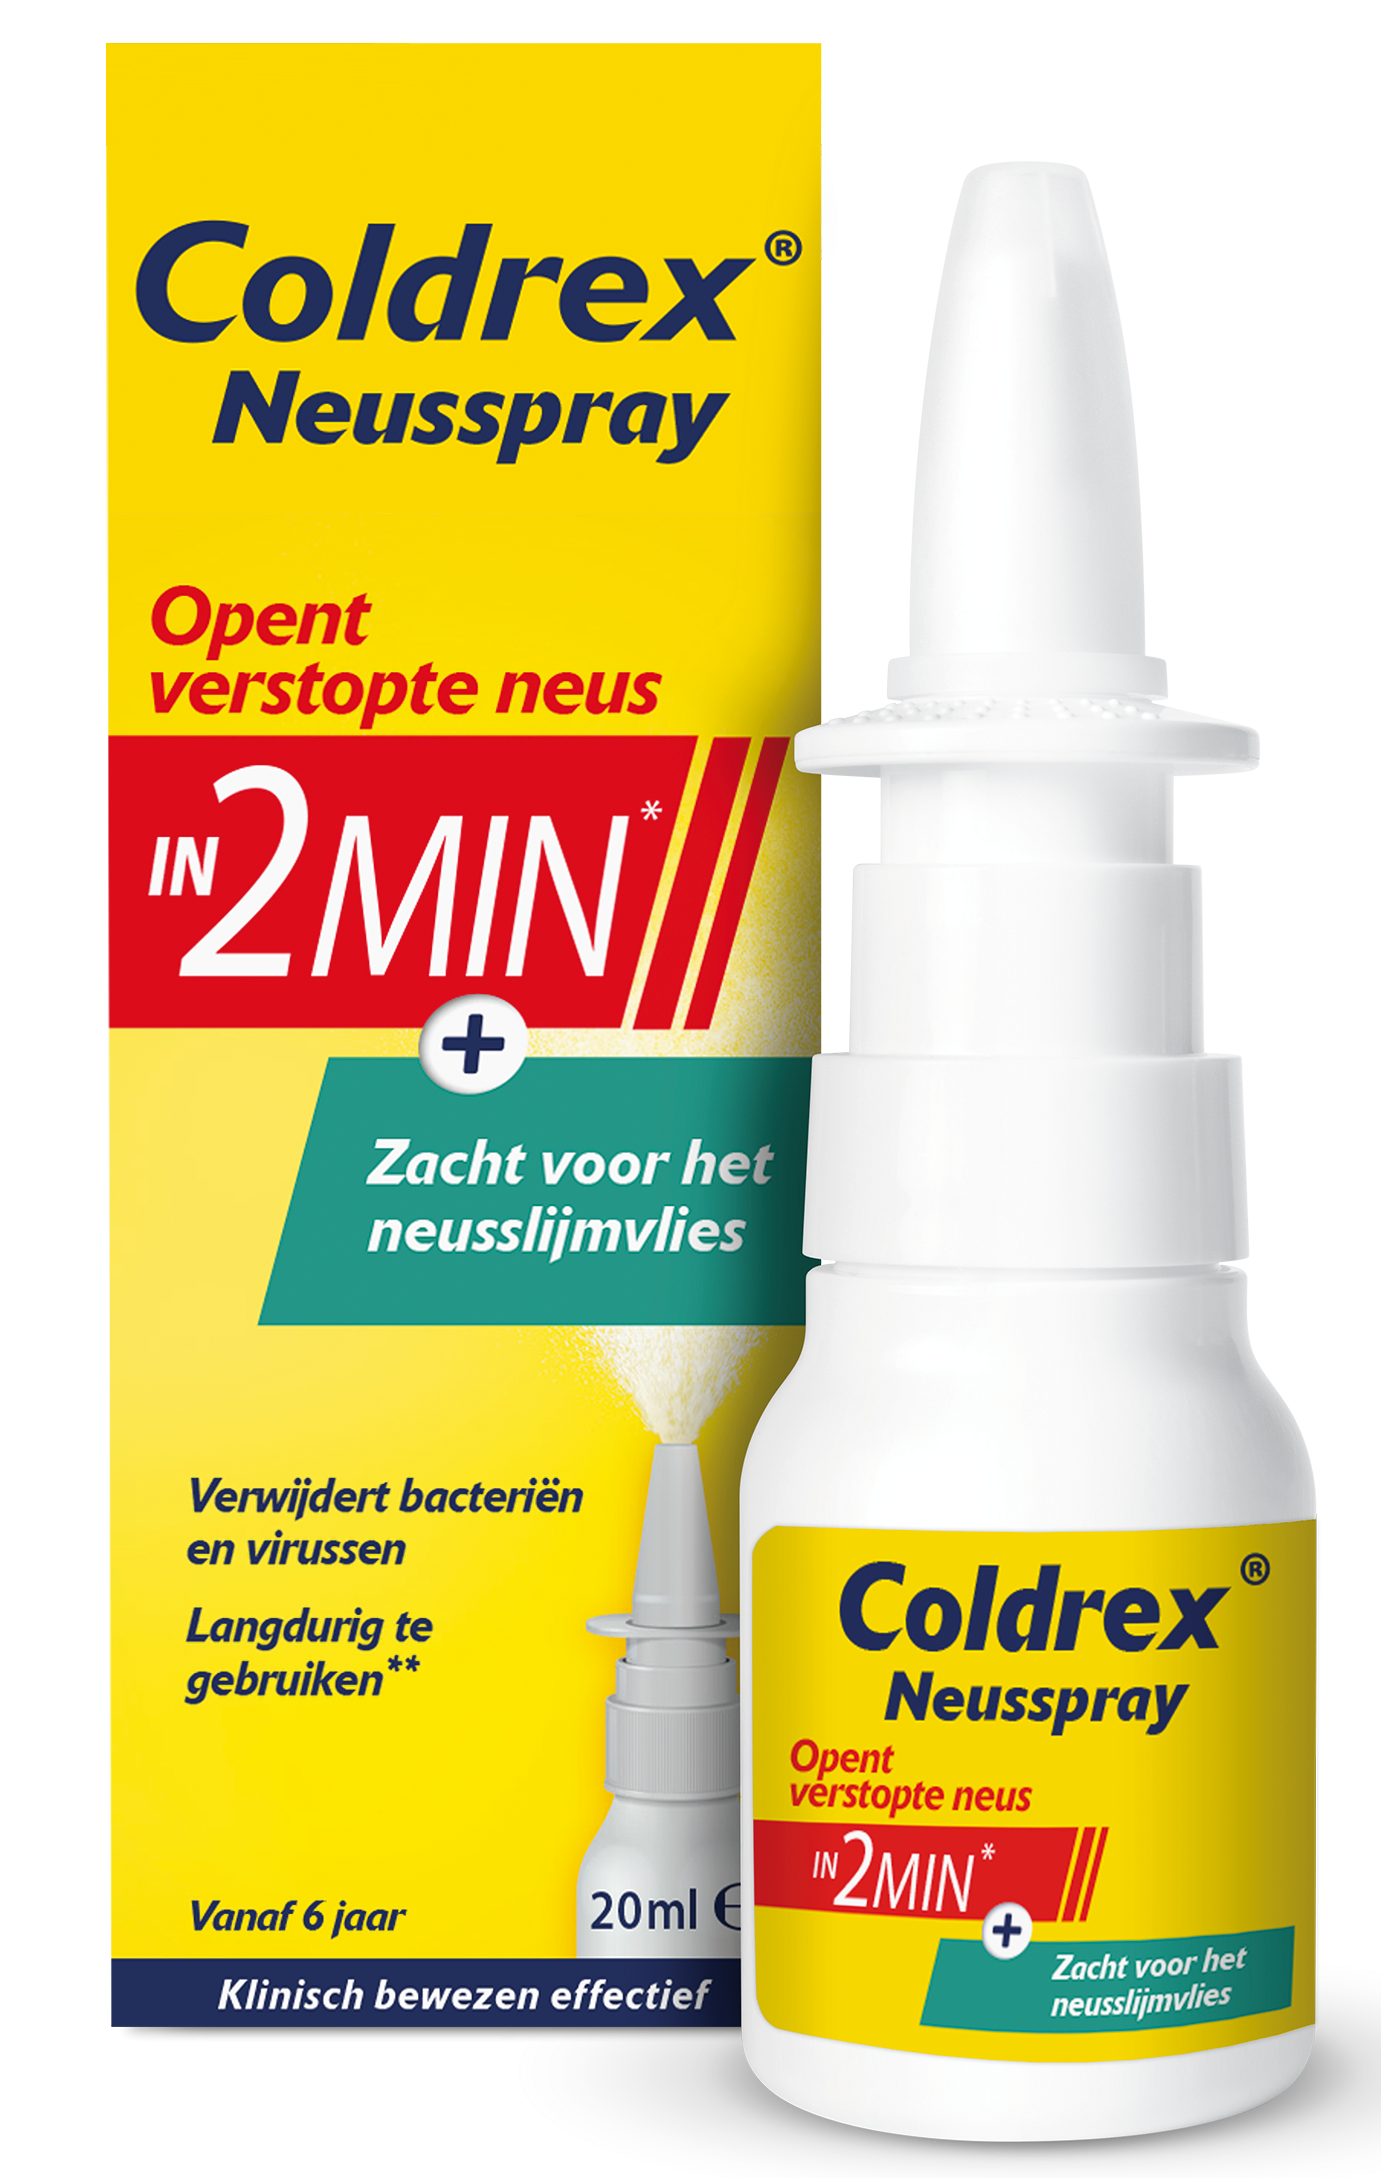 Coldrex Neusspray 2MIN